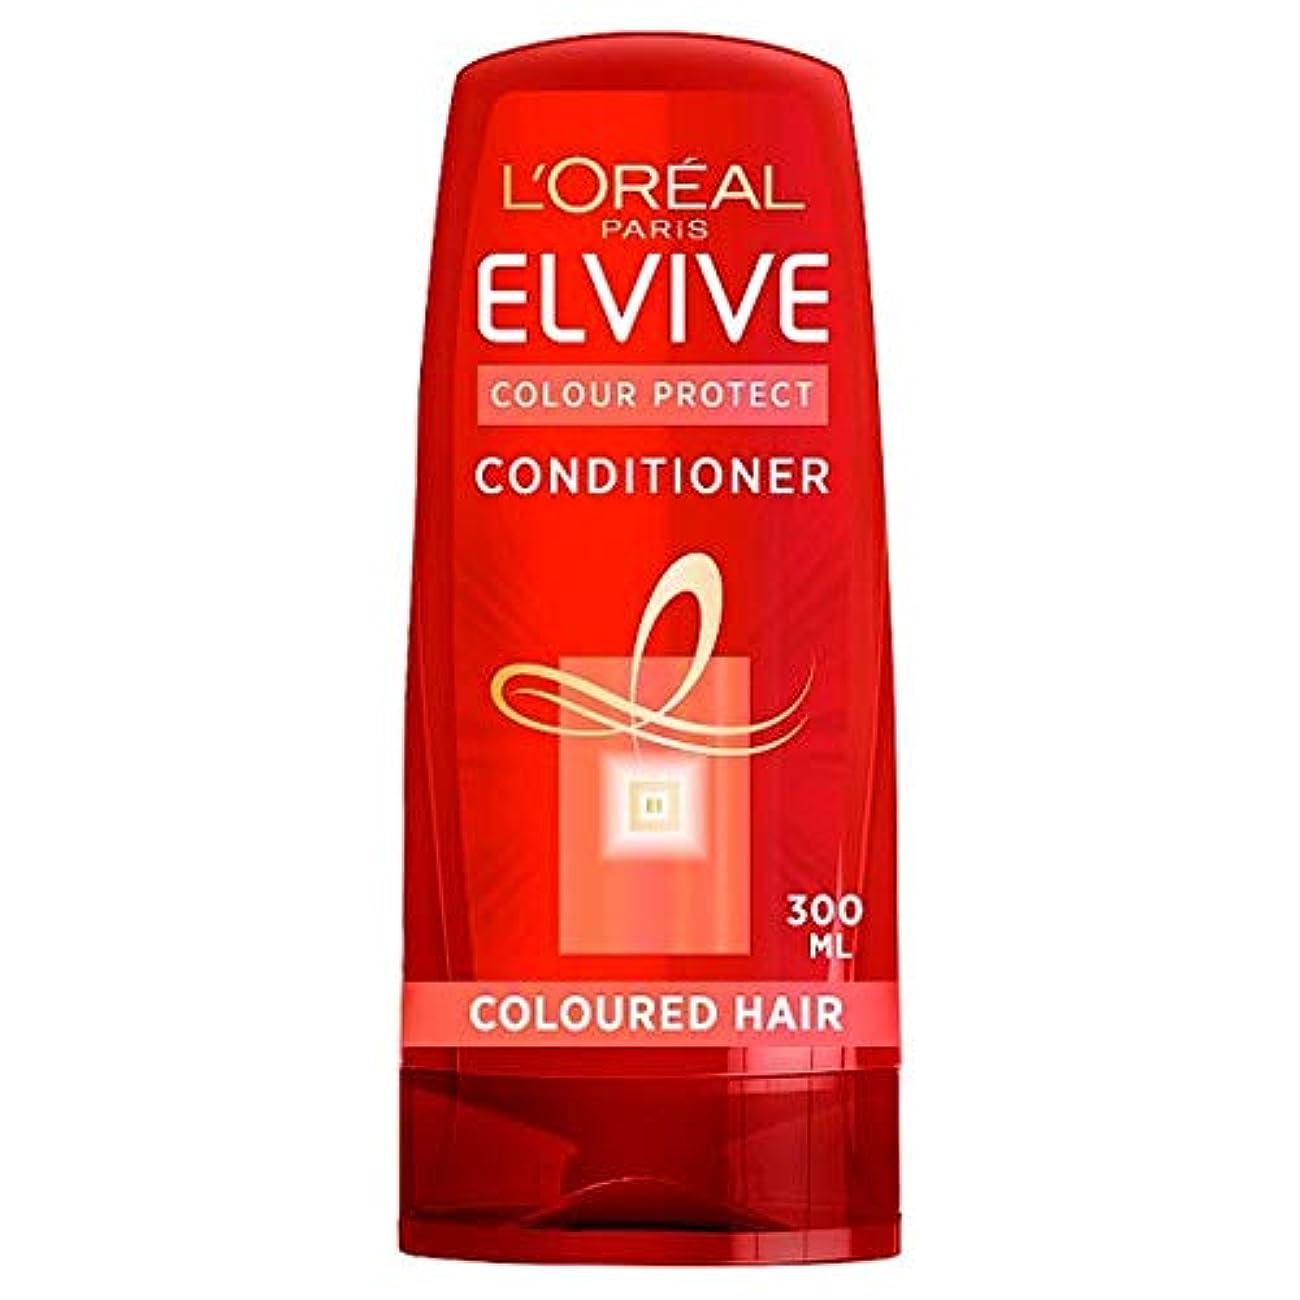 上げる食品免除する[Elvive] ロレアルElvive色の保護ヘアコンディショナー300ミリリットル - L'oreal Elvive Coloured Protection Hair Conditioner 300Ml [並行輸入品]